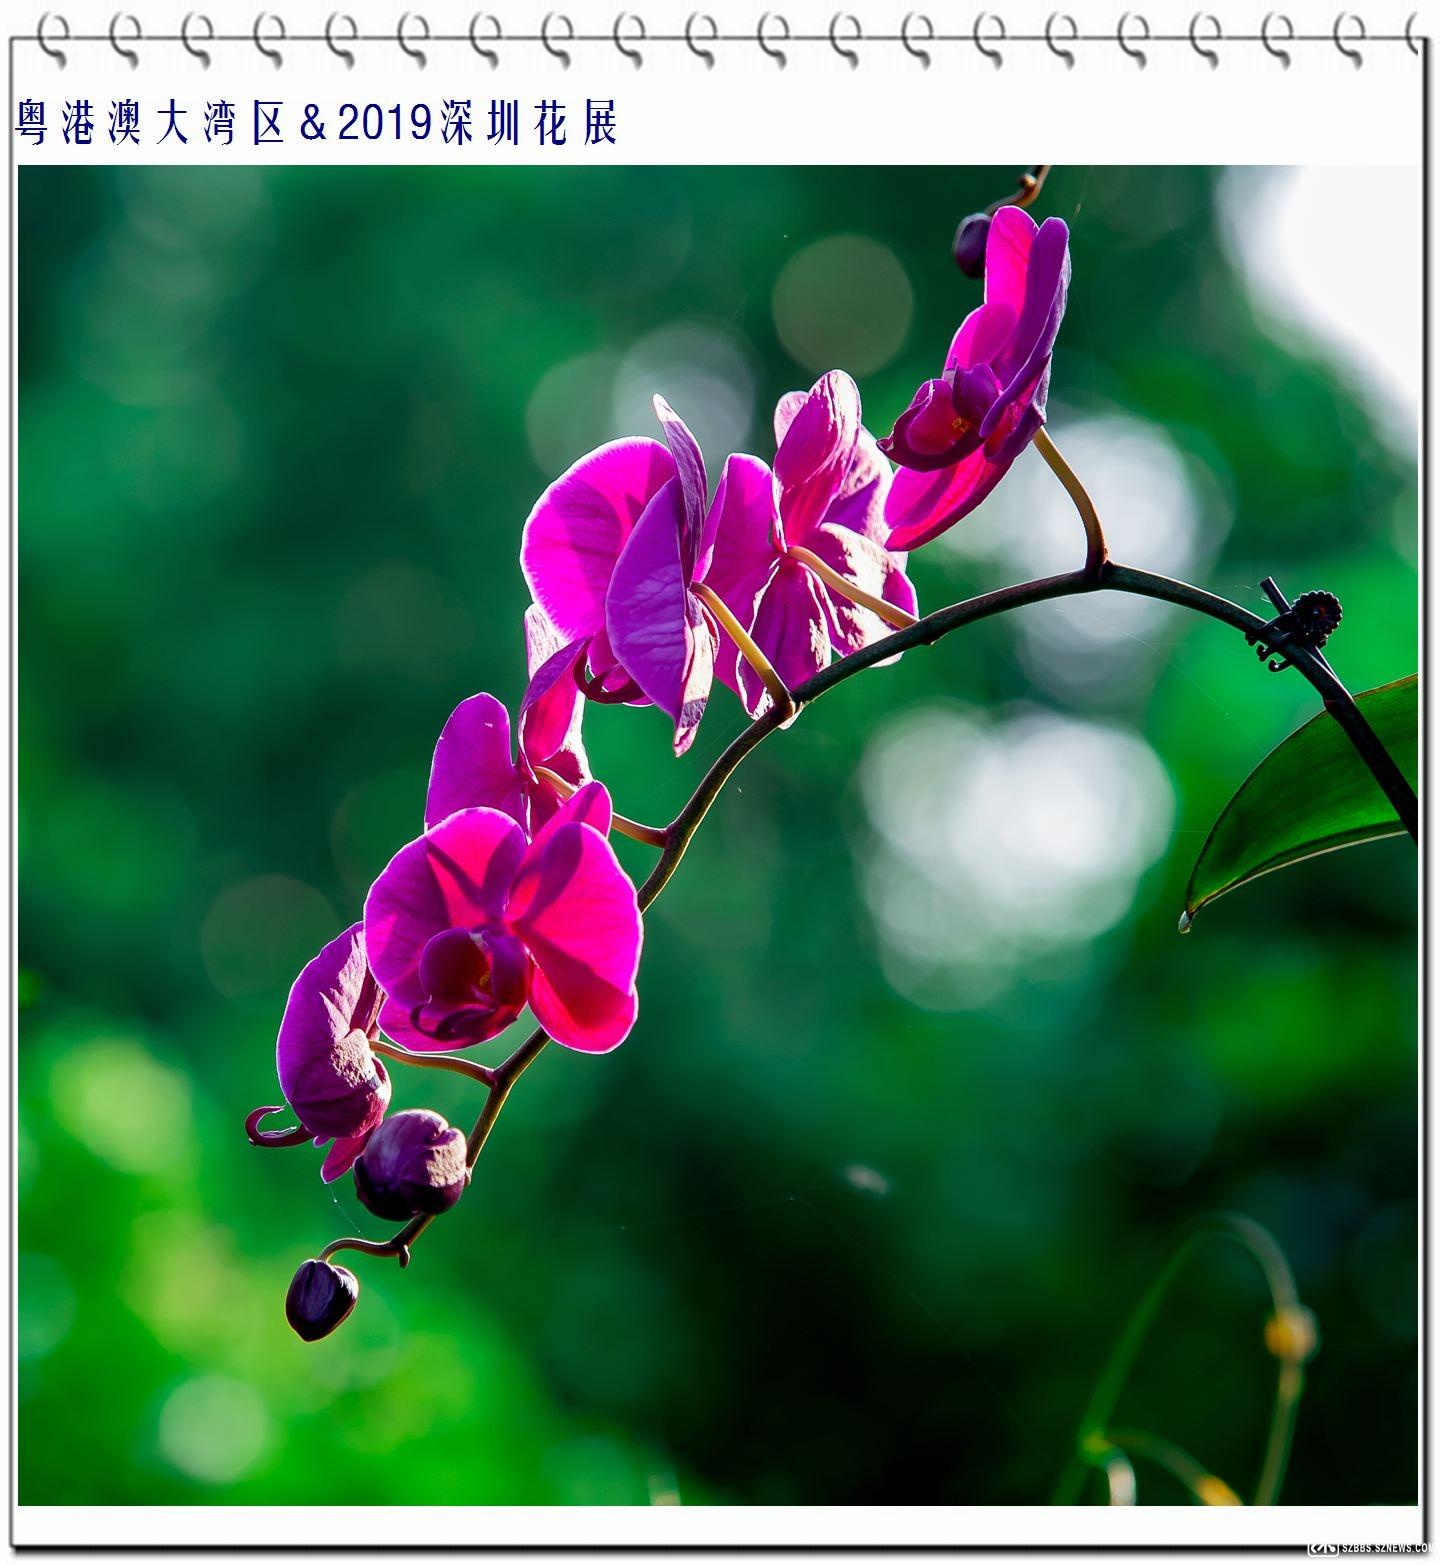 蝴蝶兰 (1).jpg